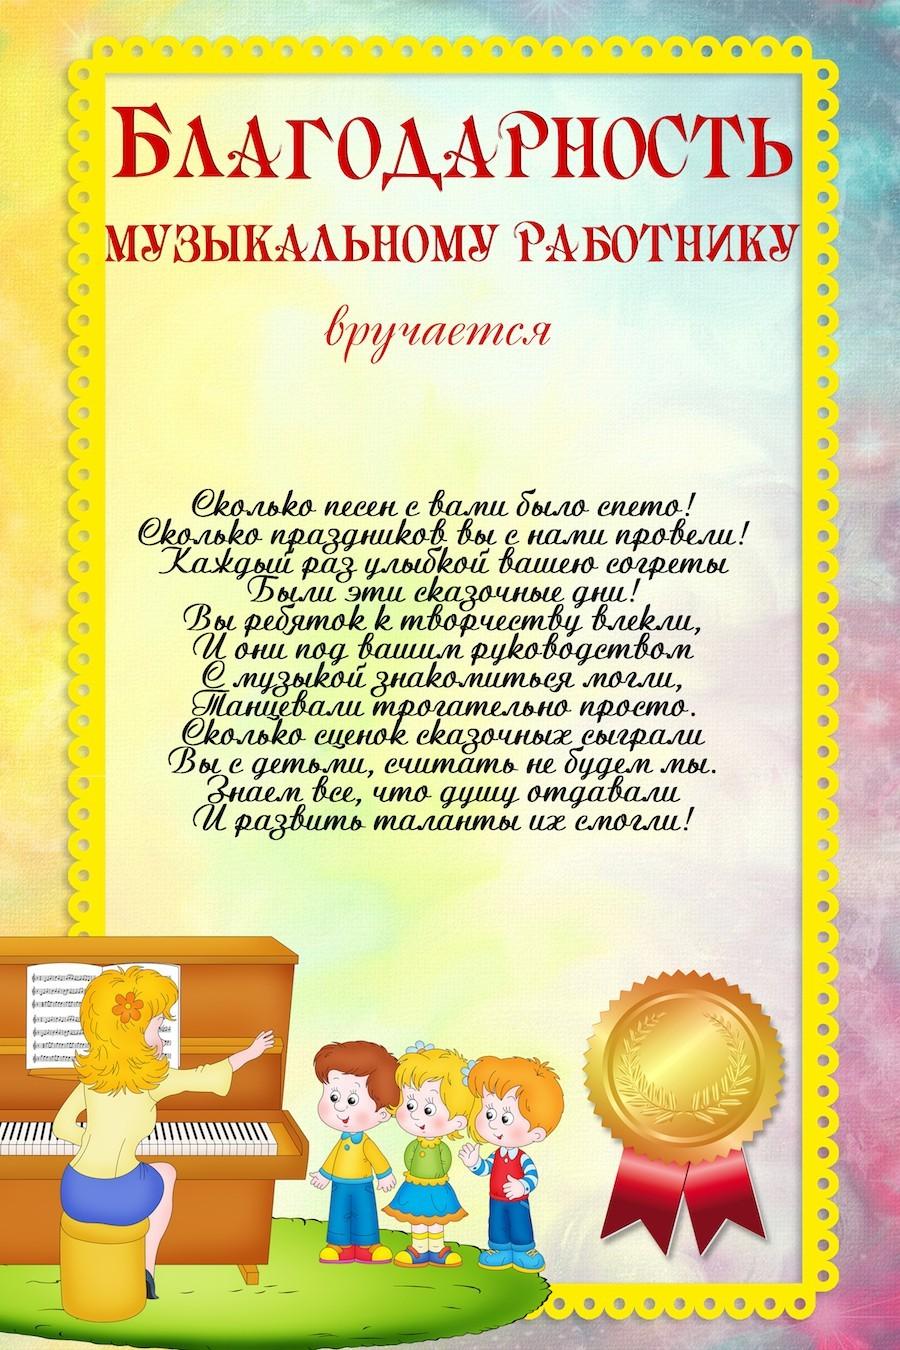 рамота благодарность музыкальному работнику детского сада